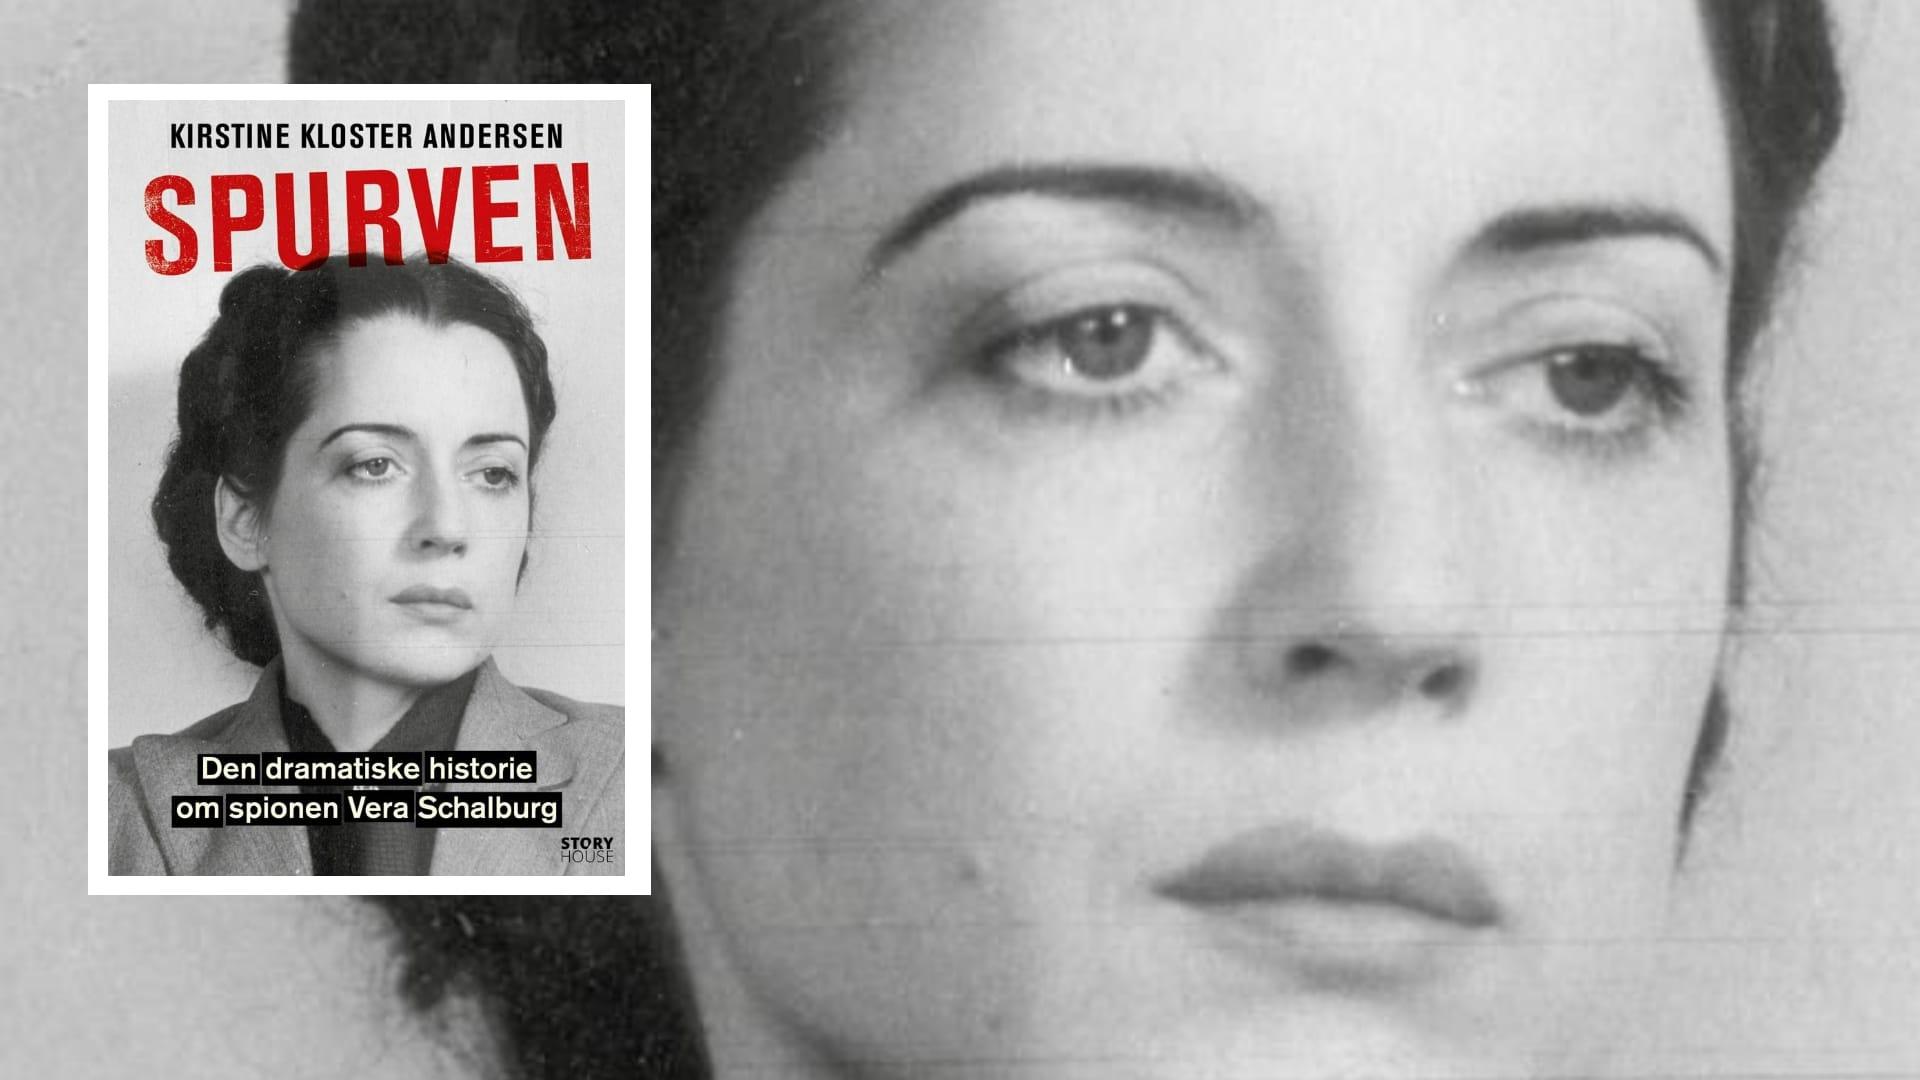 Spurven, Storyhouse, spion, anden verdenskrig, 2. verdenskrig